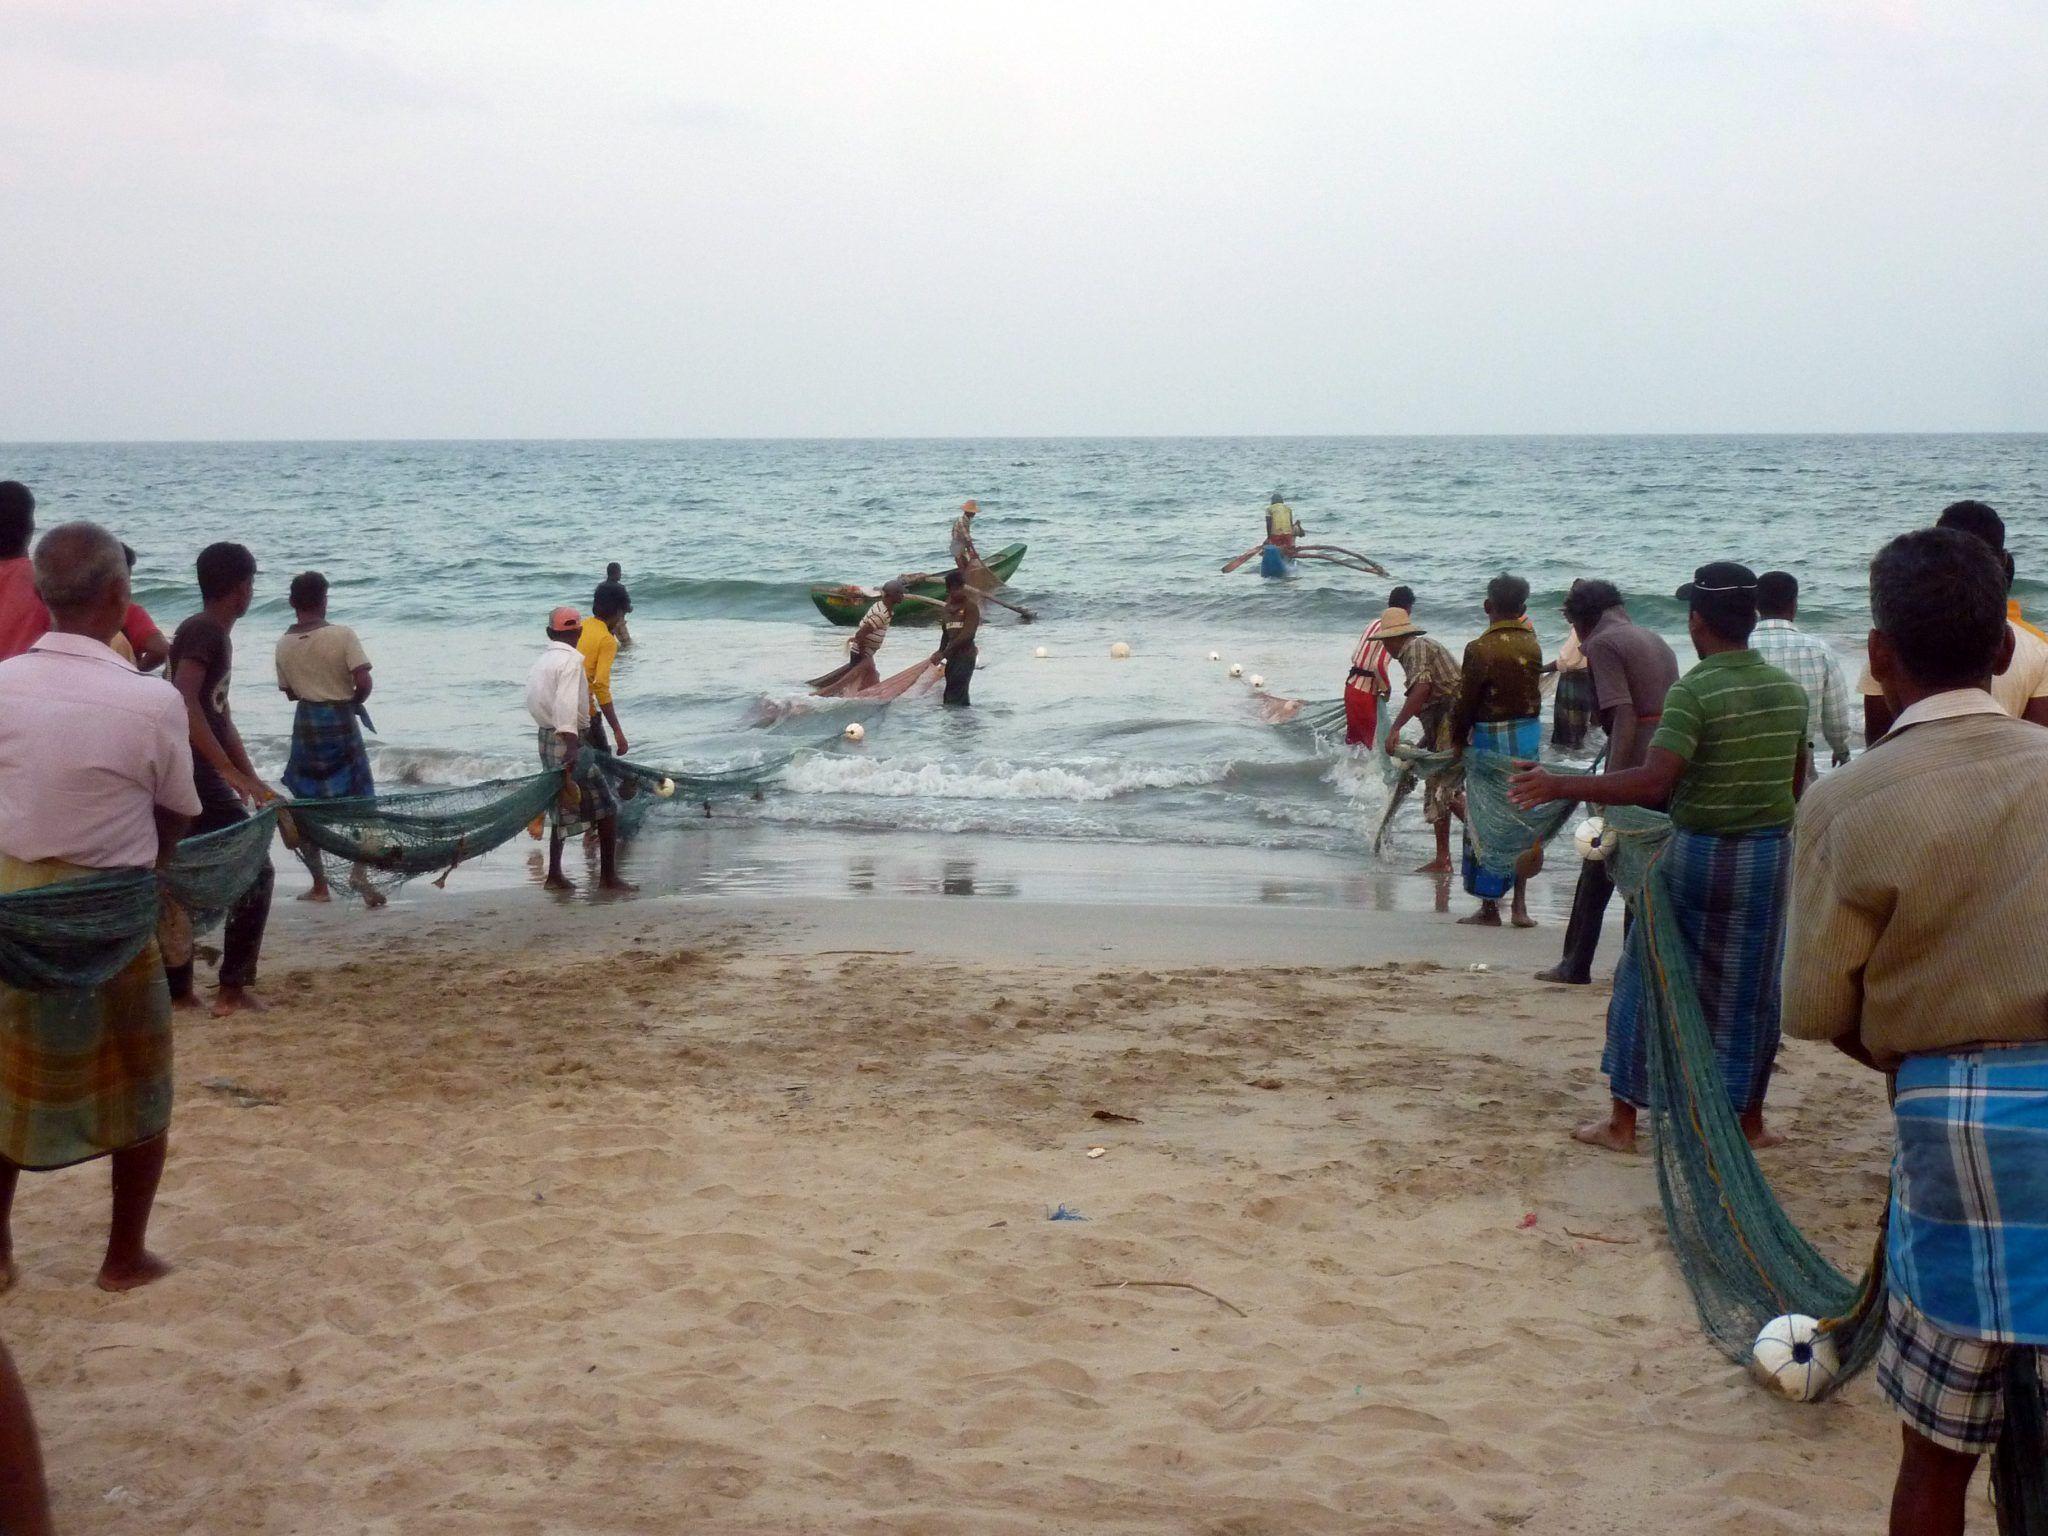 Traditionelles Sri Lanka Geheimtipps Und Reiseziele Reiseziele Reisen Reiseblog